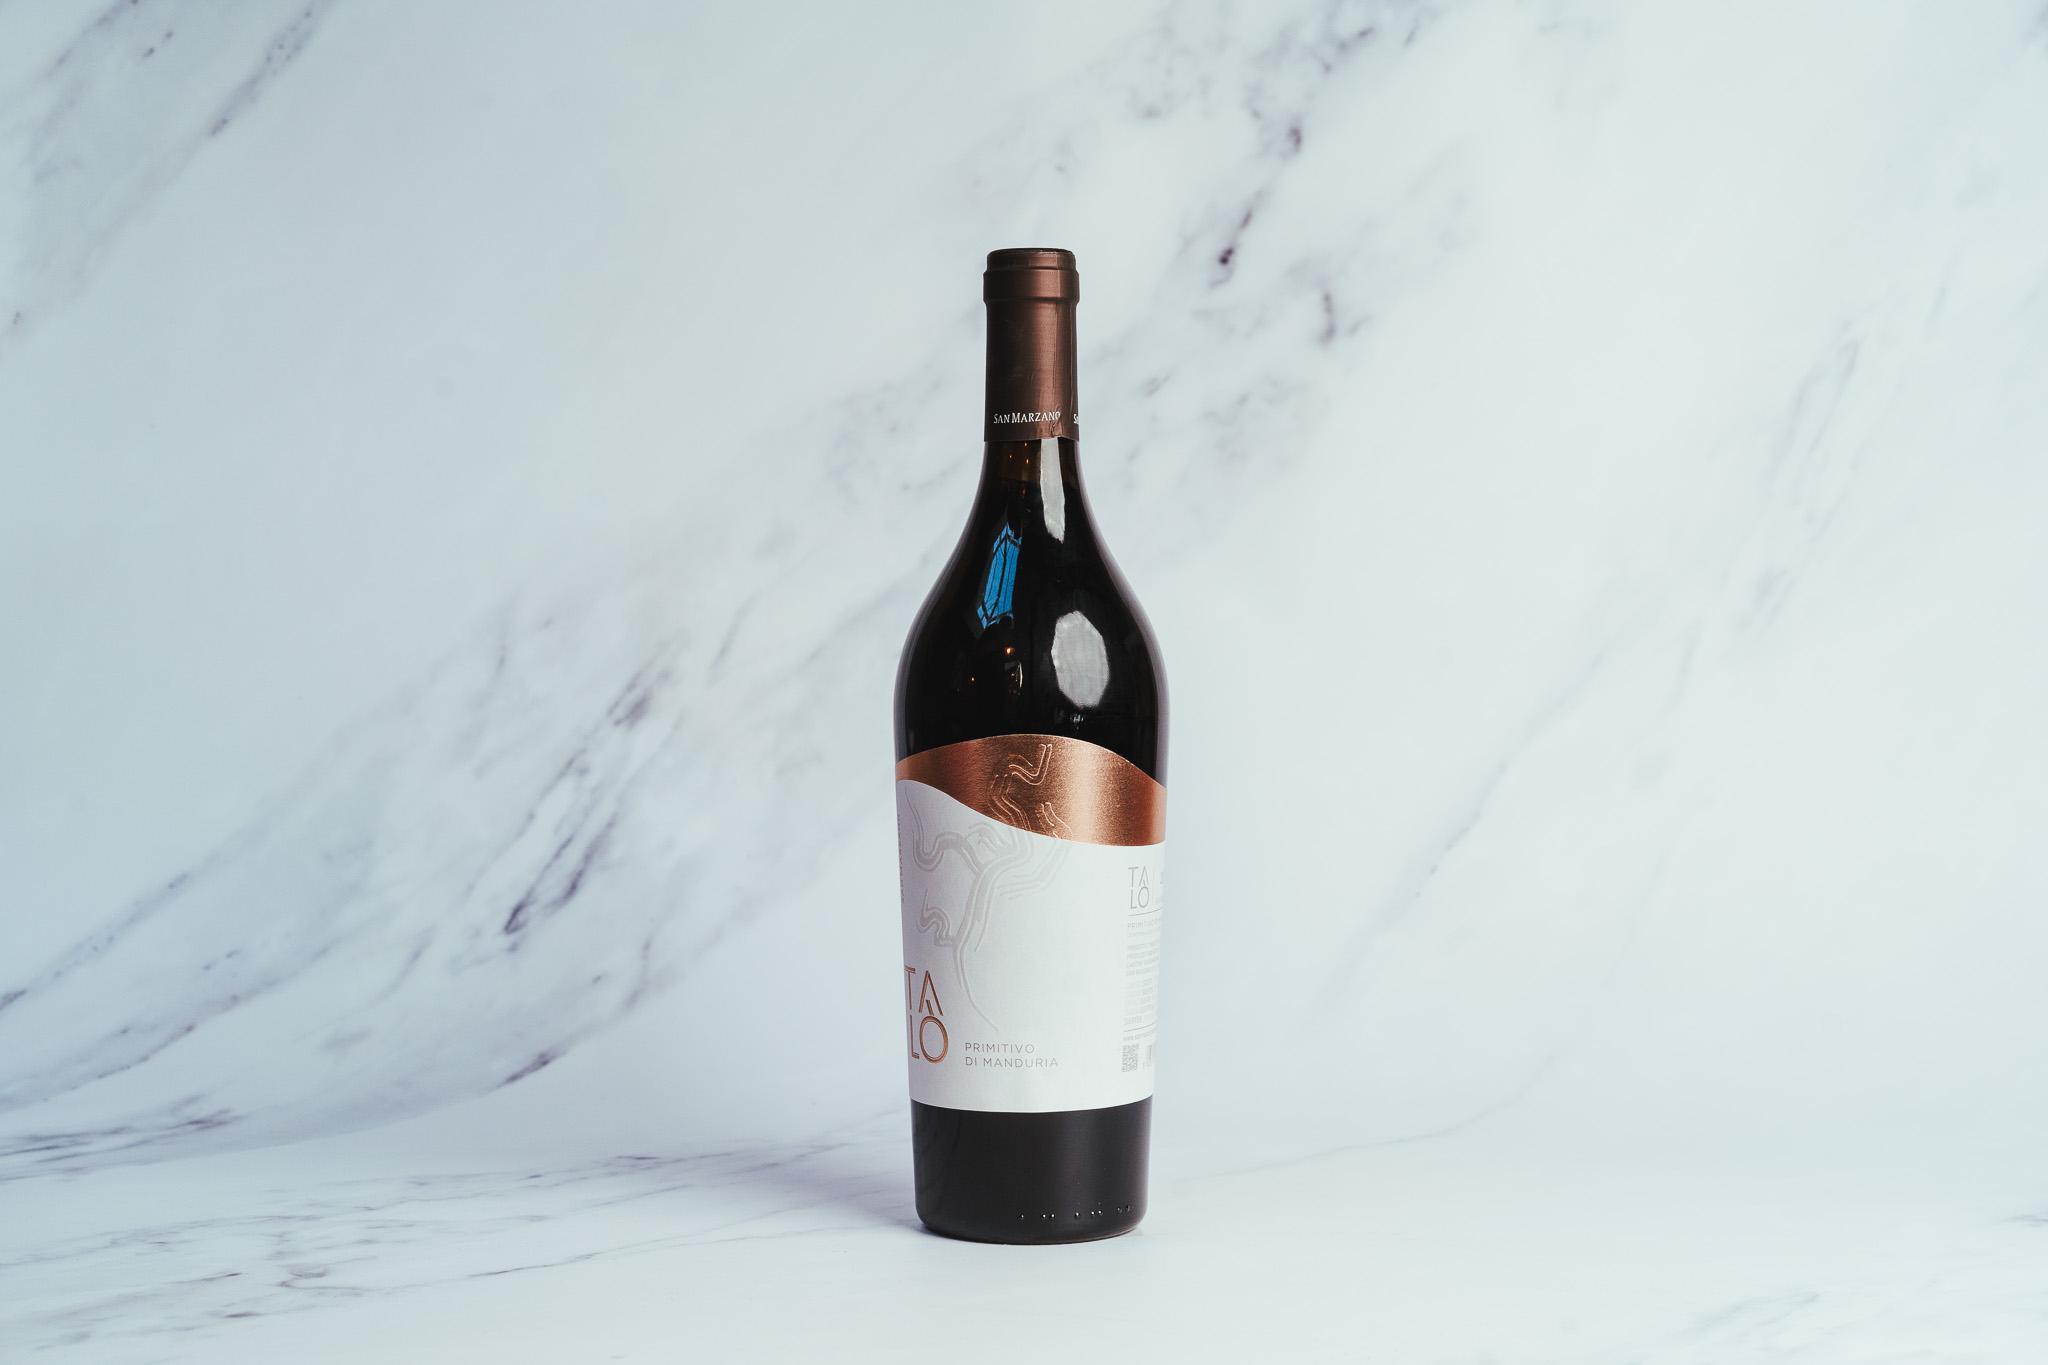 San Marzano, Primitivo Di Manduia 'Talo' (Promo Case Discount)